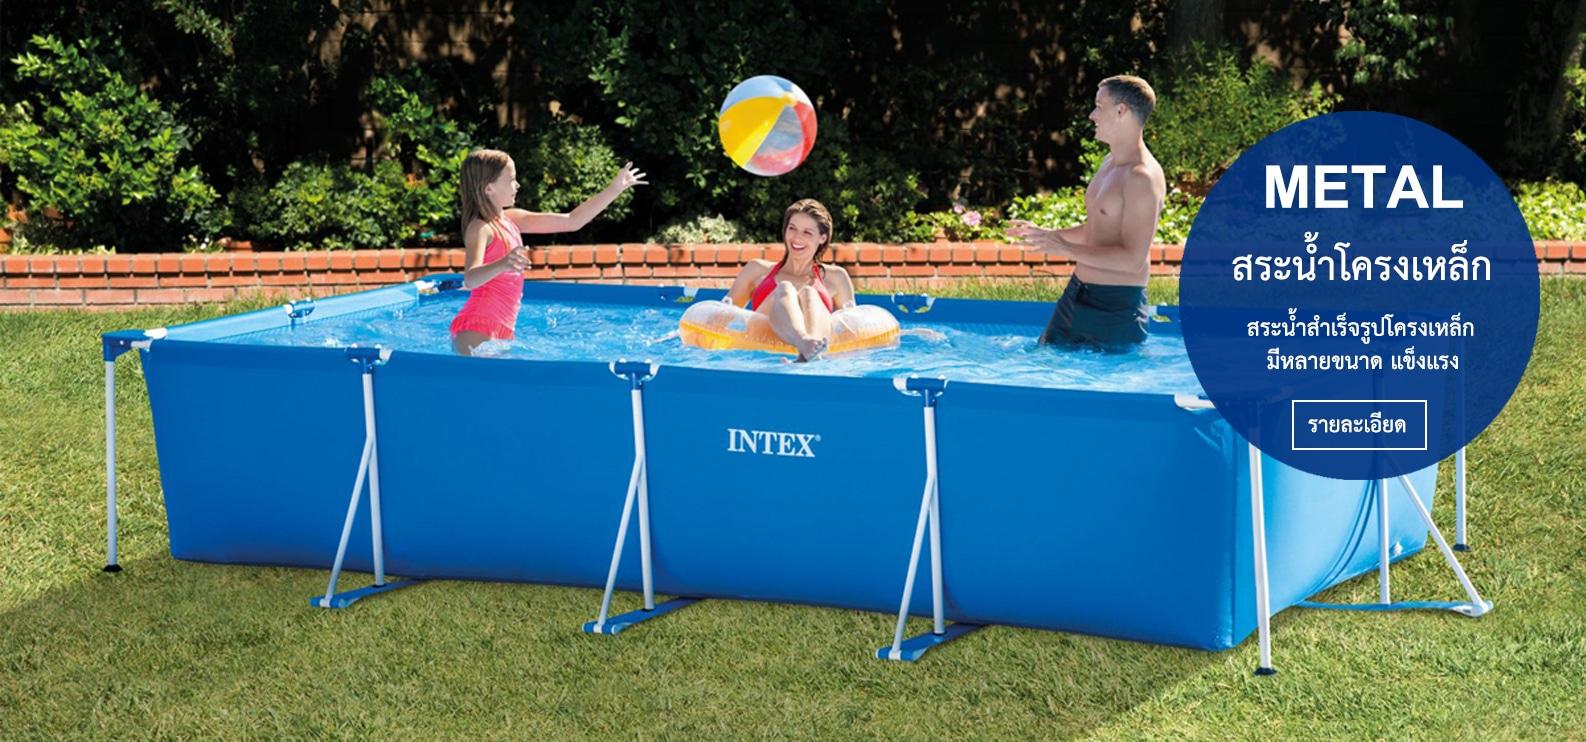 สระน้ำสำเร็จรูป Intex